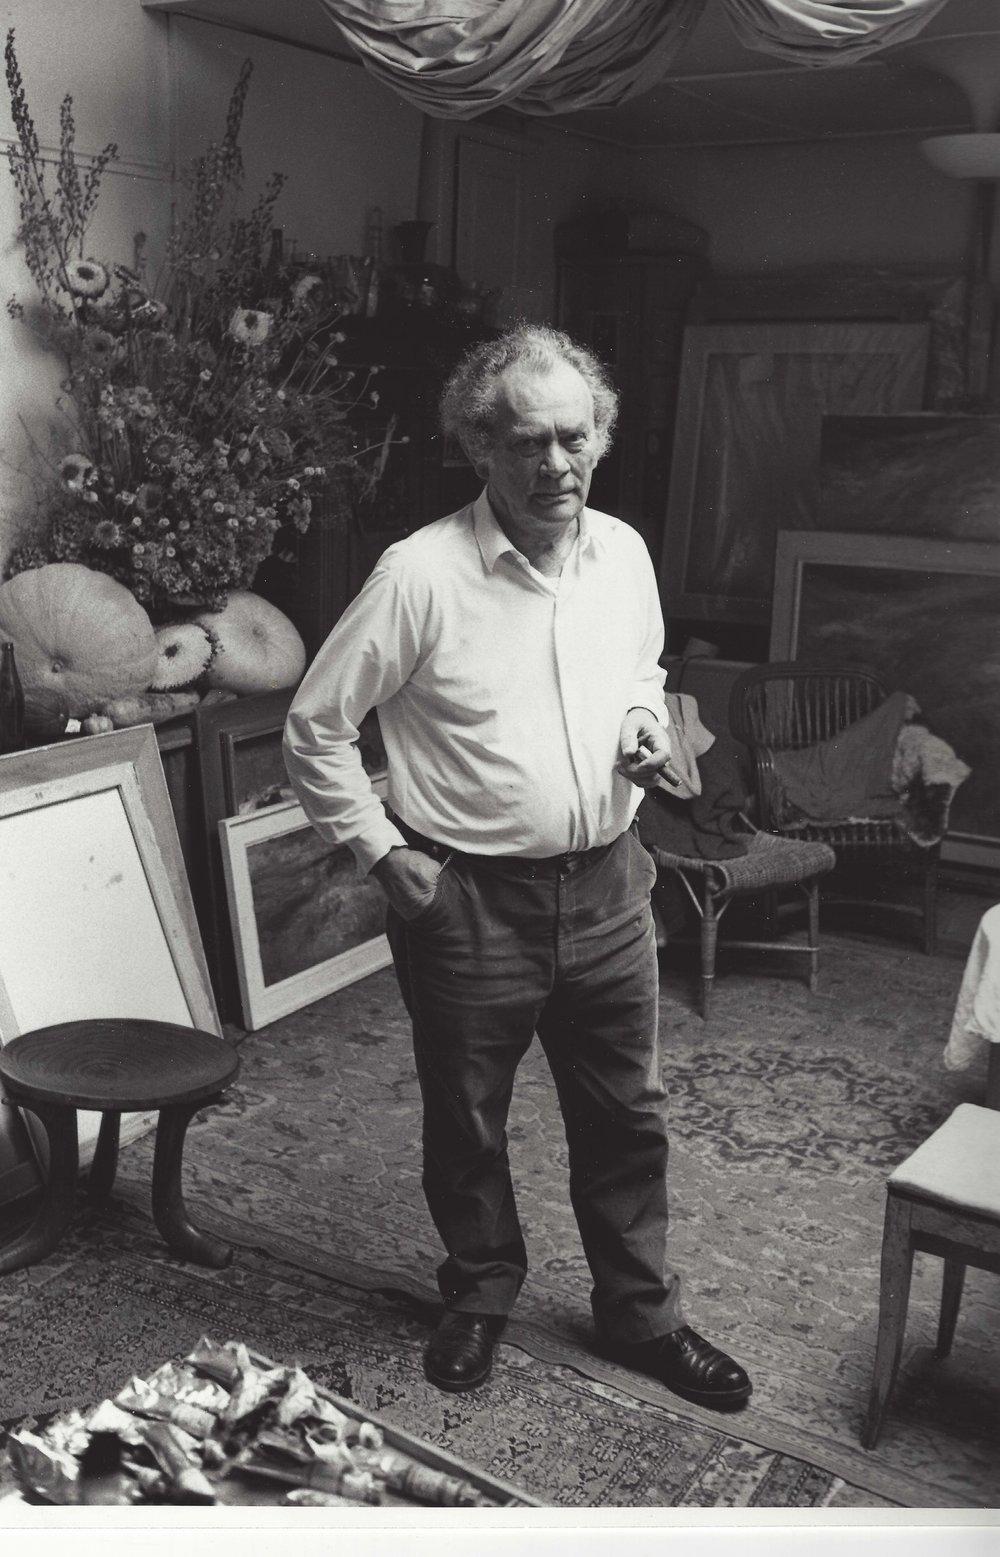 Weber, Karl_in Atelier Foto Rainer Tuggener 1967 8.jpg